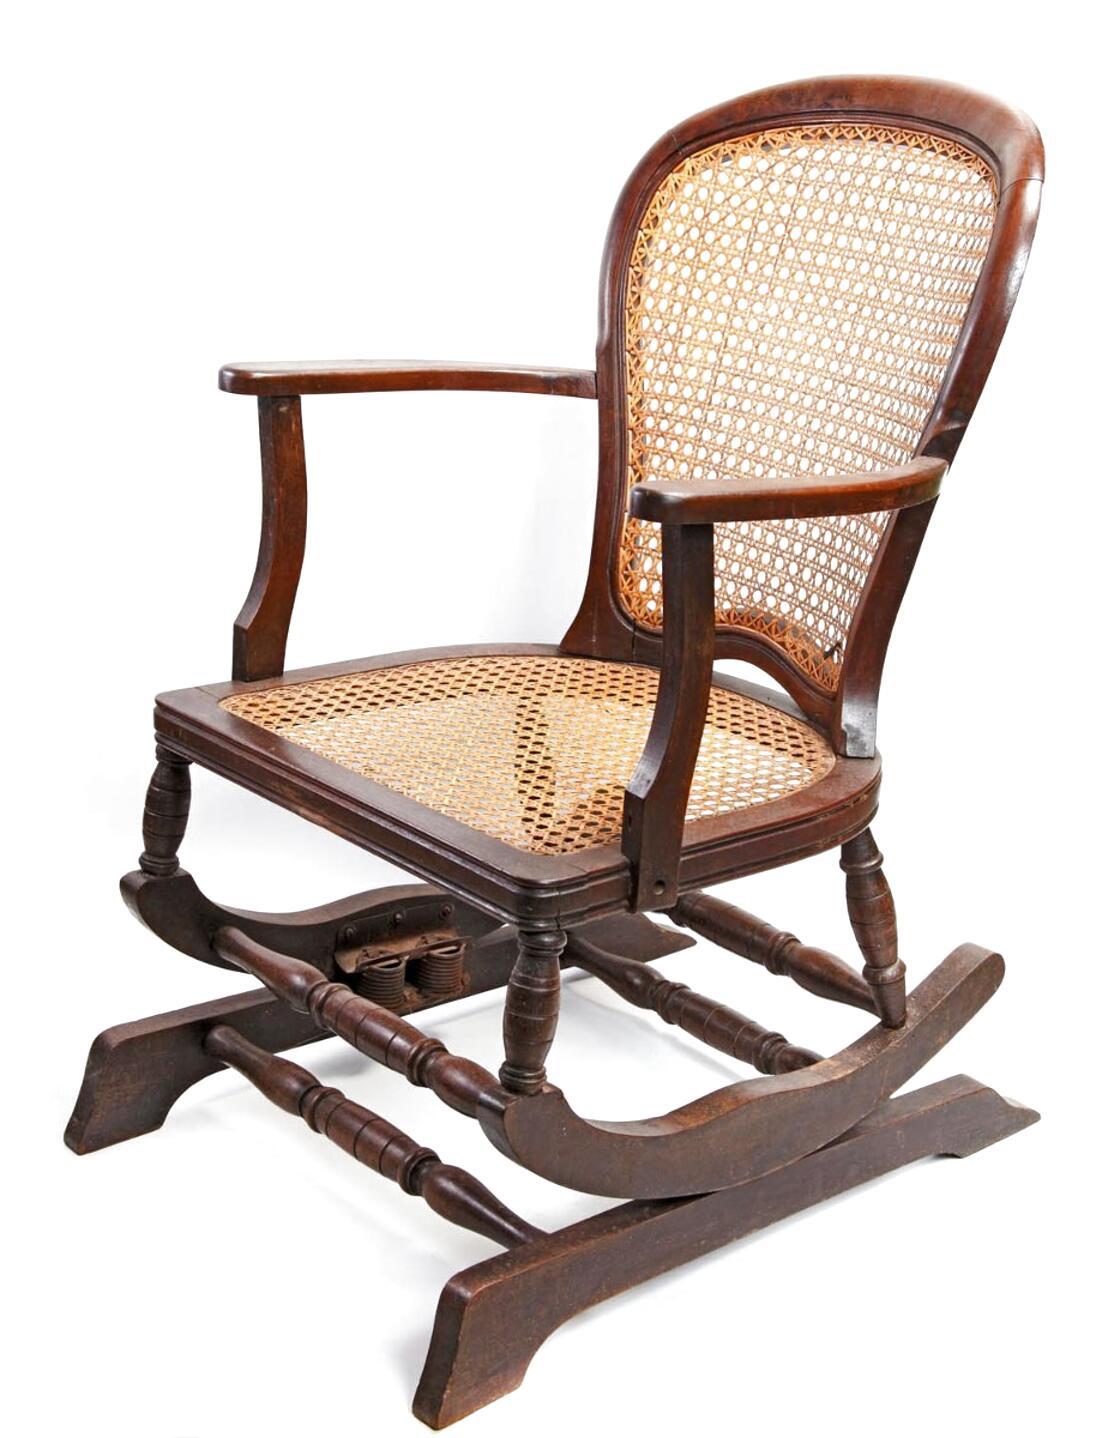 Image of: Cadeira Balanco Comprar Usado No Brasil 123 Cadeira Balanco Em Segunda Mao